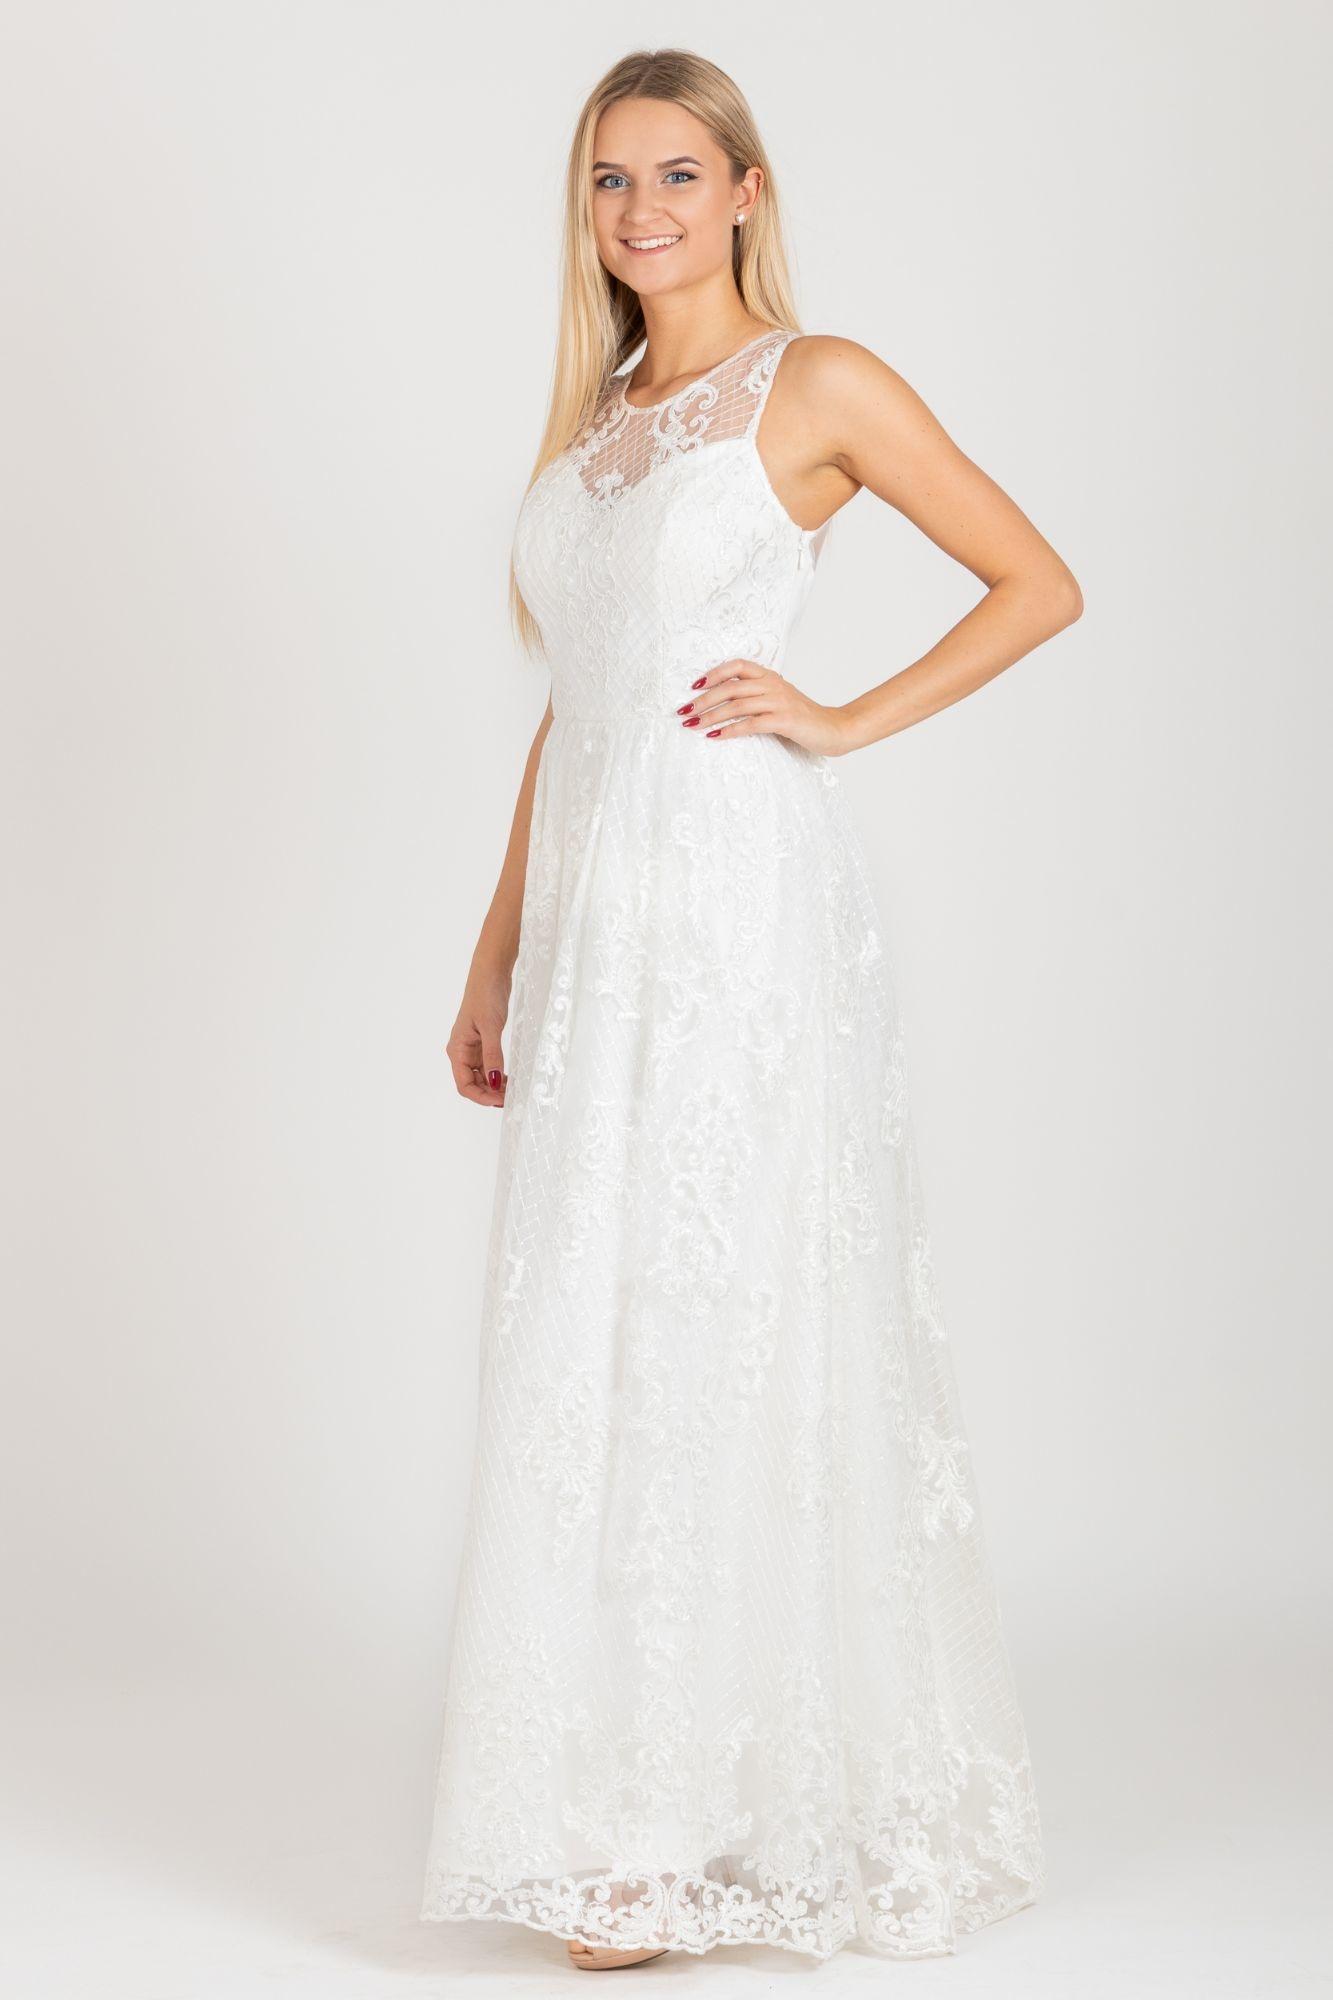 afae0d7da84 ... bílé Chi Chi London exkluzivní svatební šaty Olivia